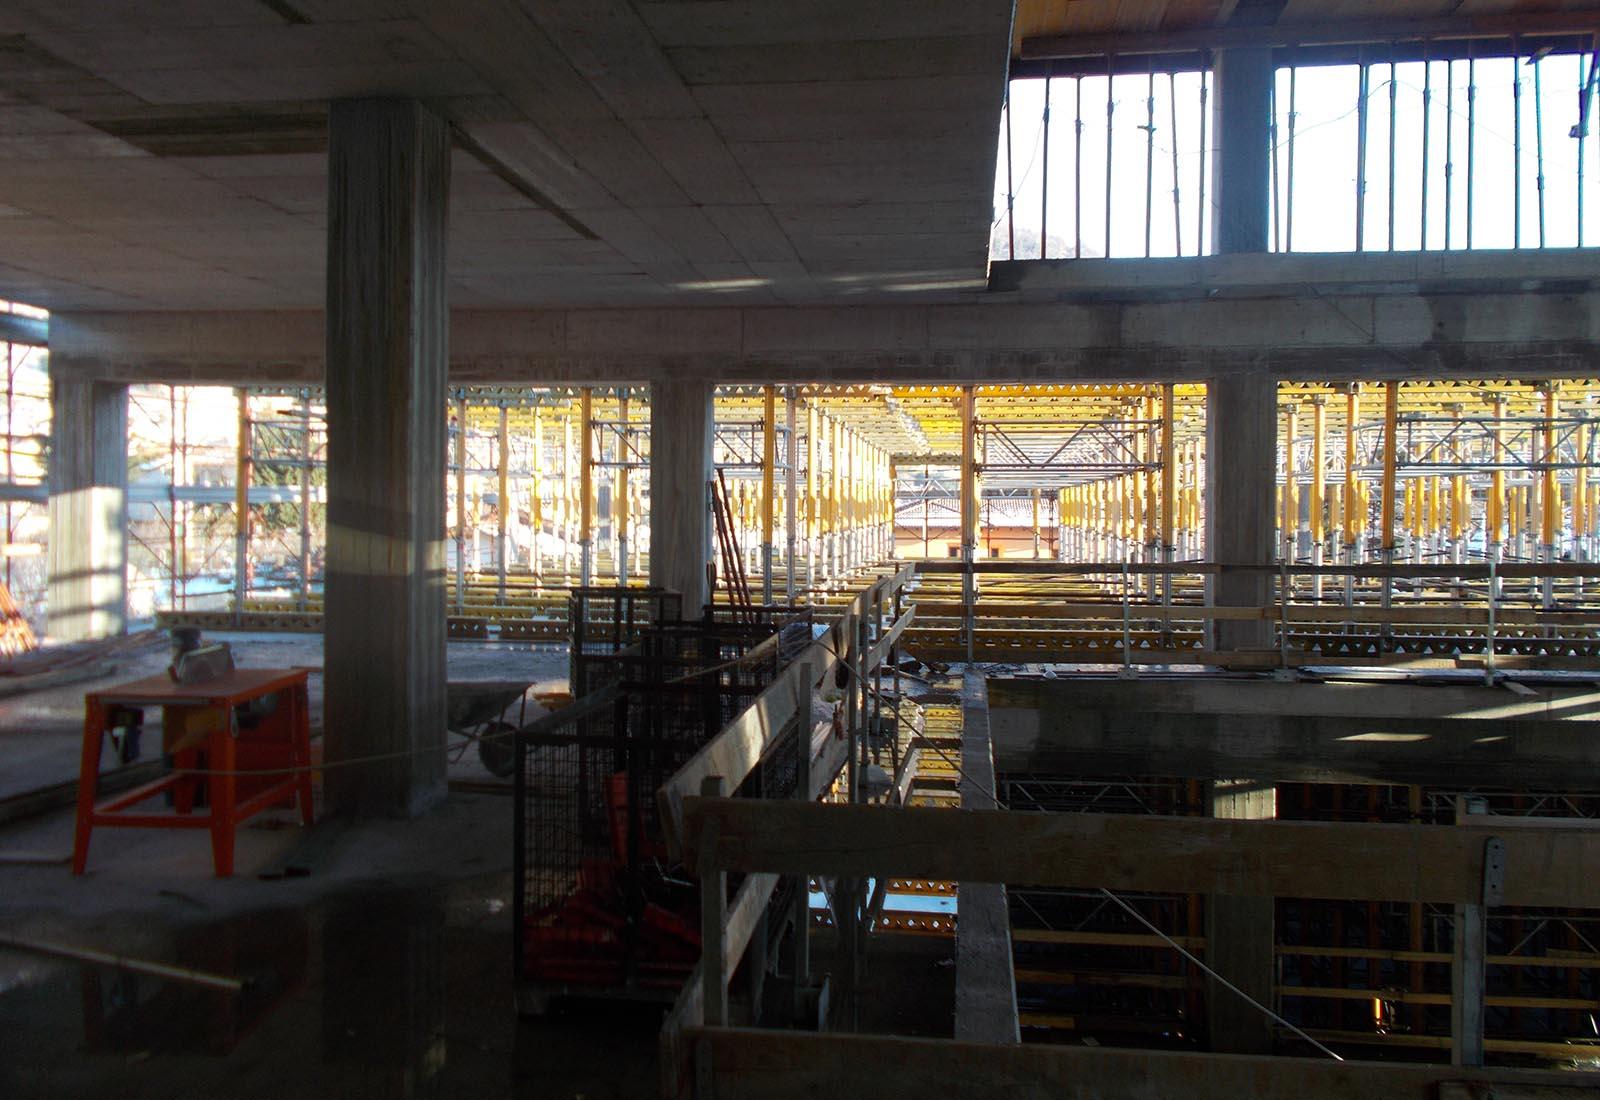 Scuola elementare a Gravedona - Il cantiere